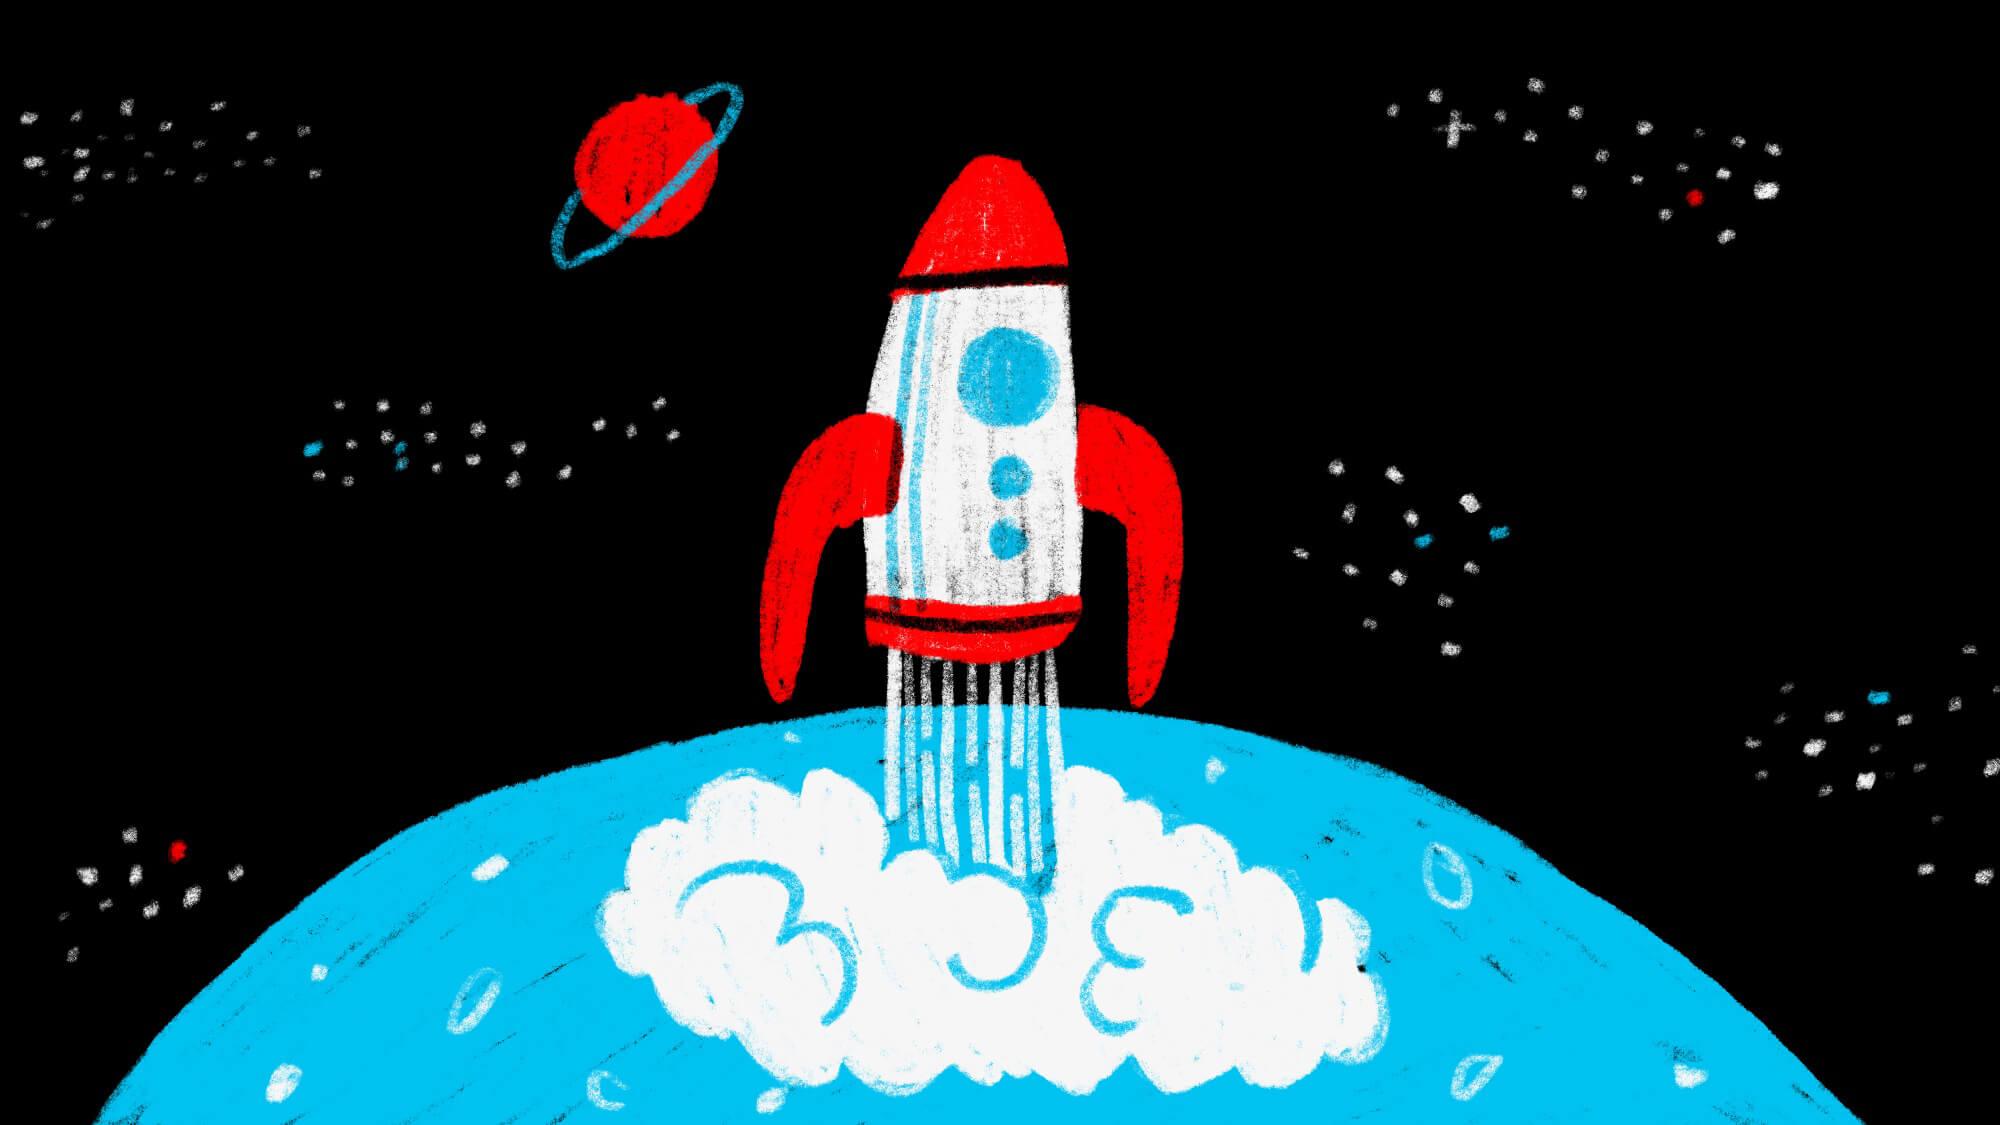 RE_WEB_MS_SPACE_8.jpg